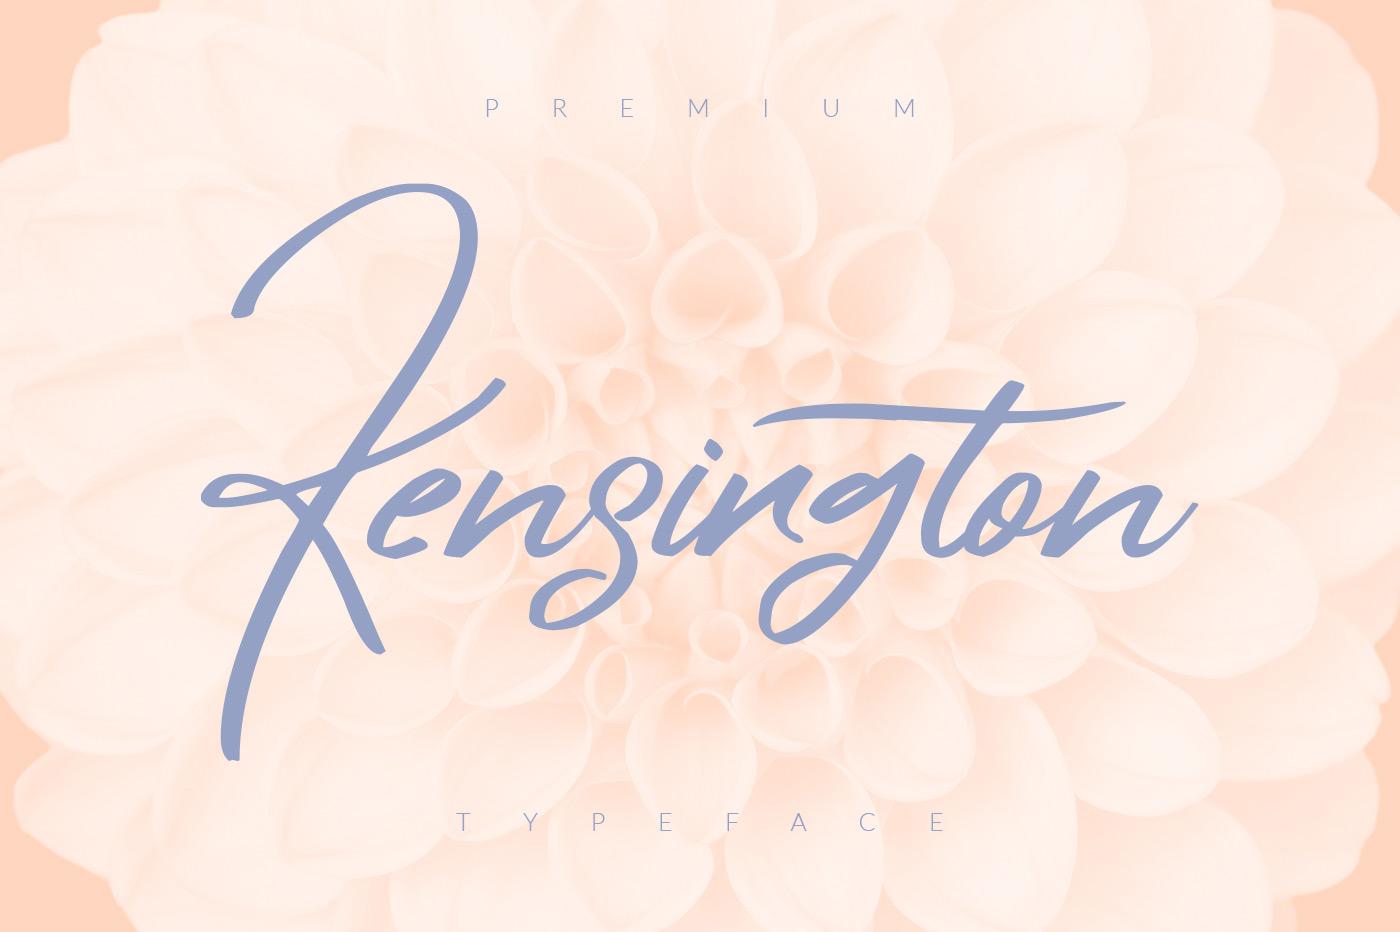 kensington-script-font